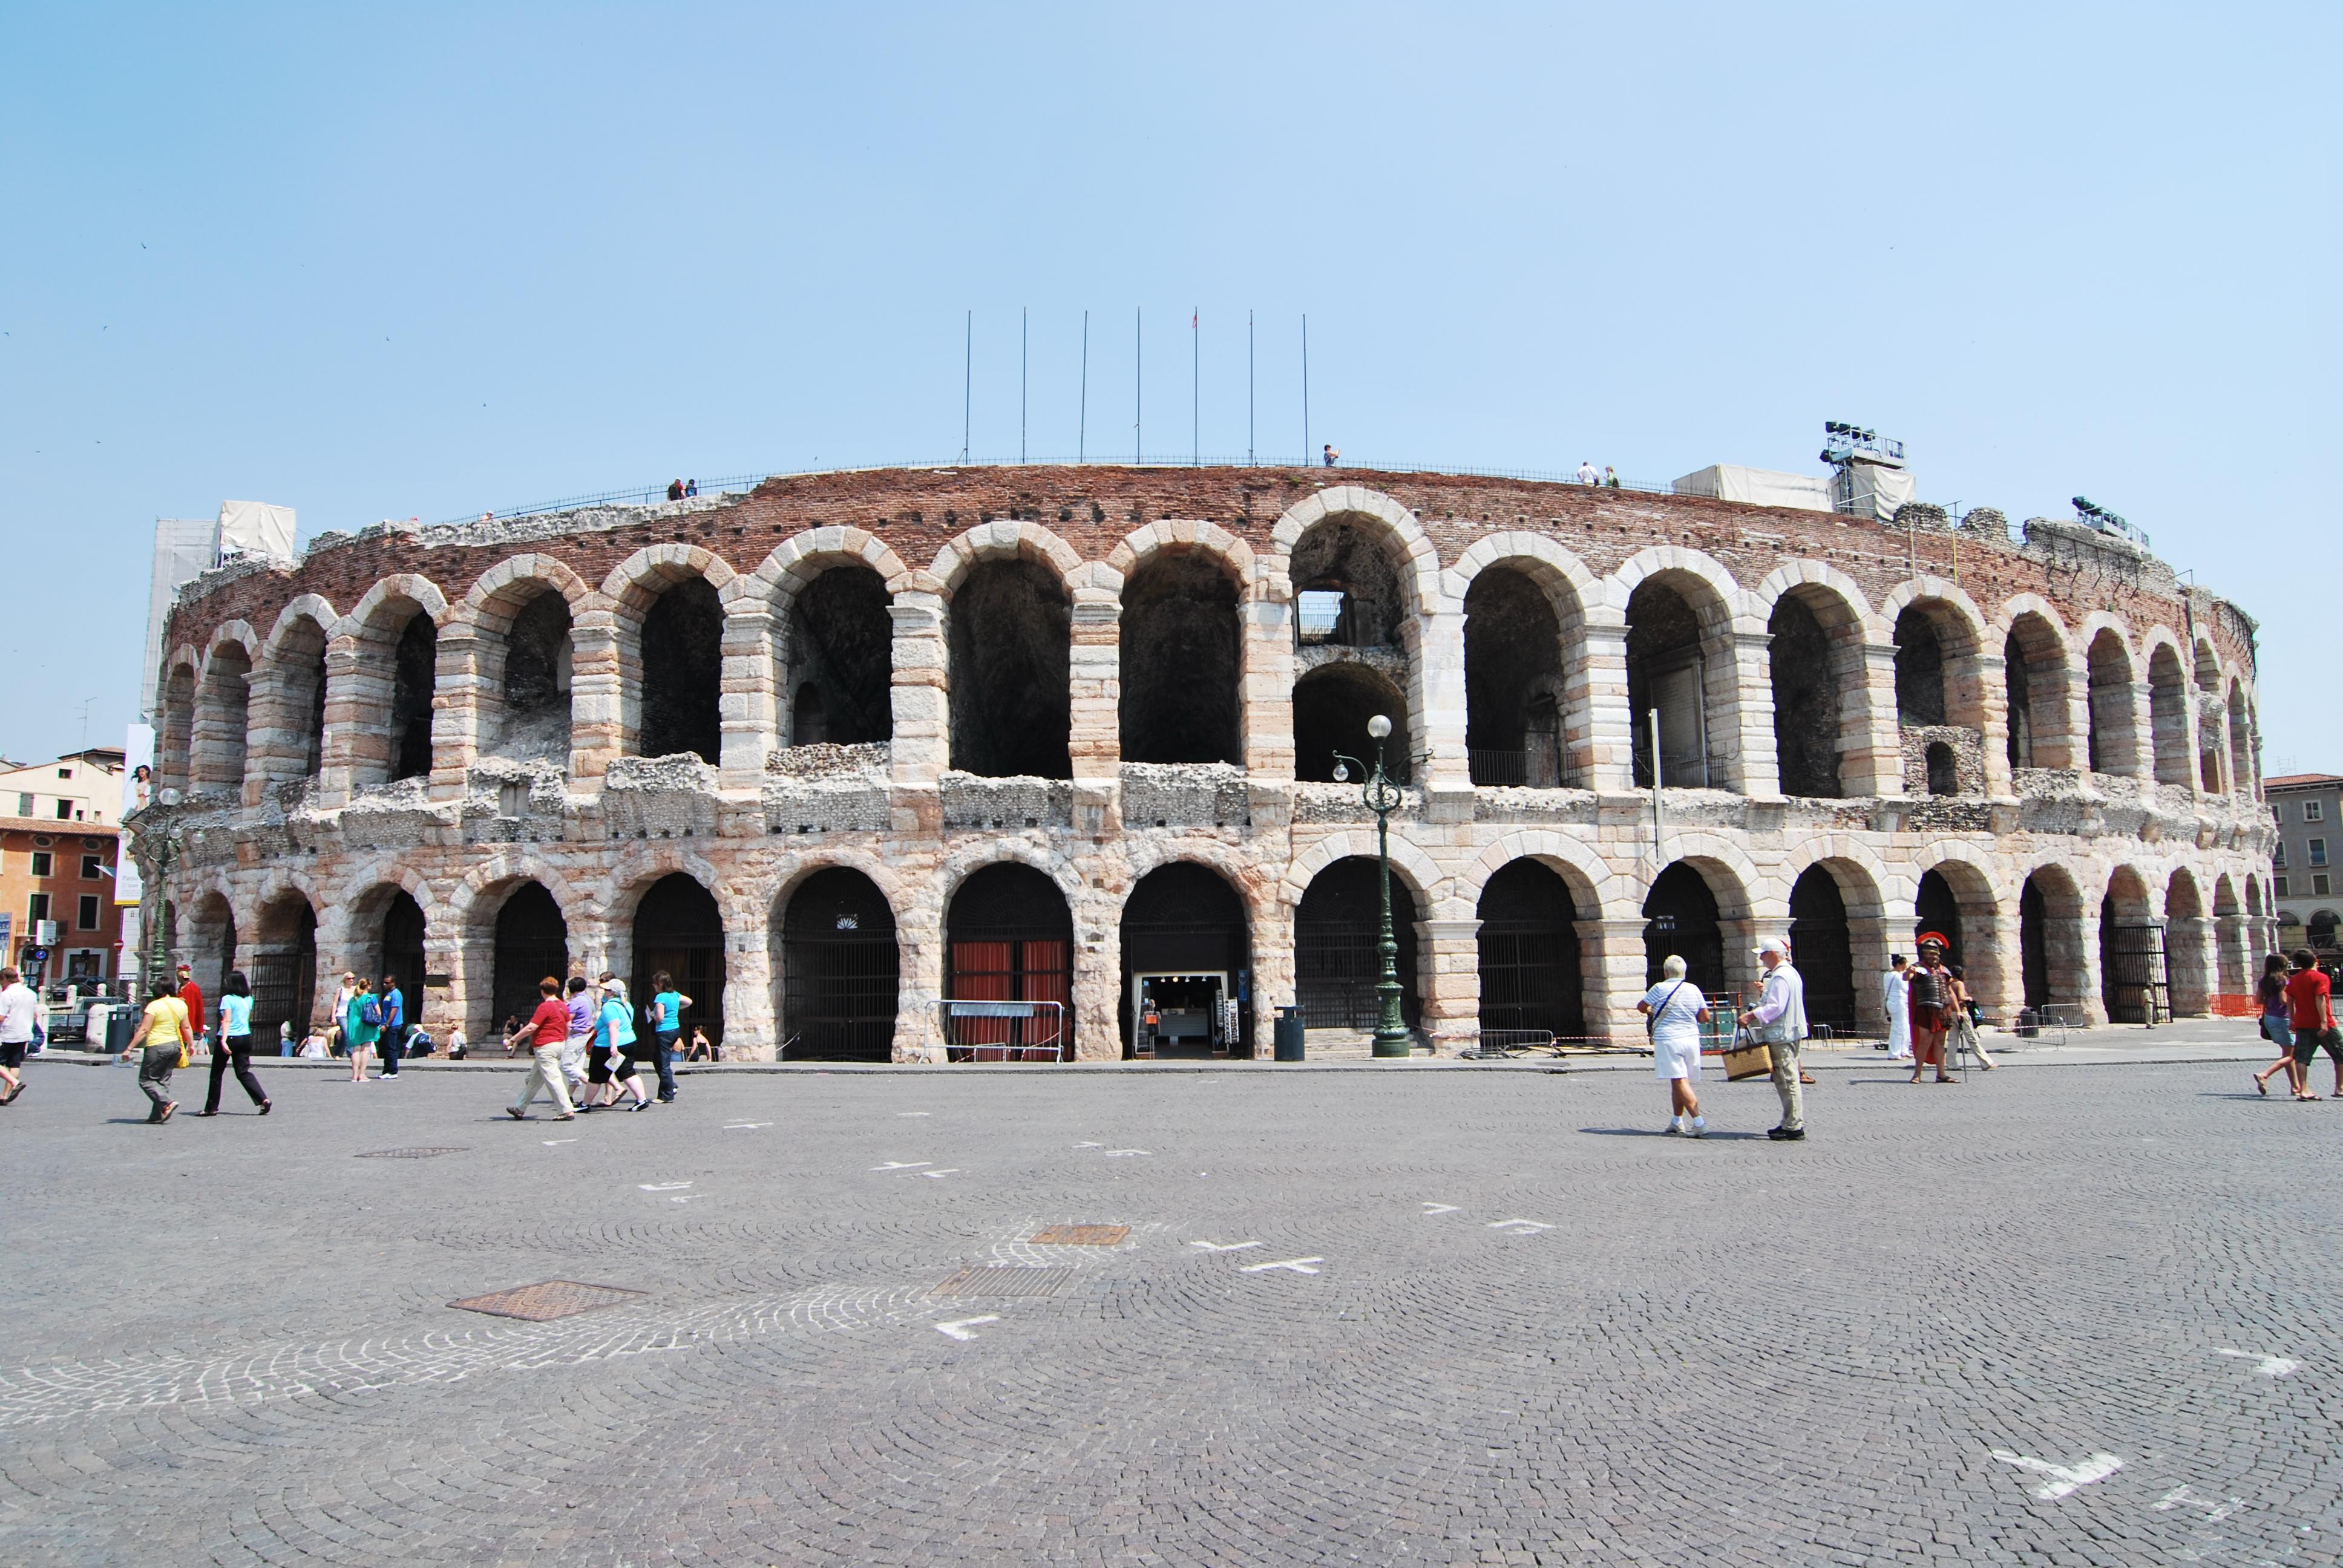 Verona's Roman Arena